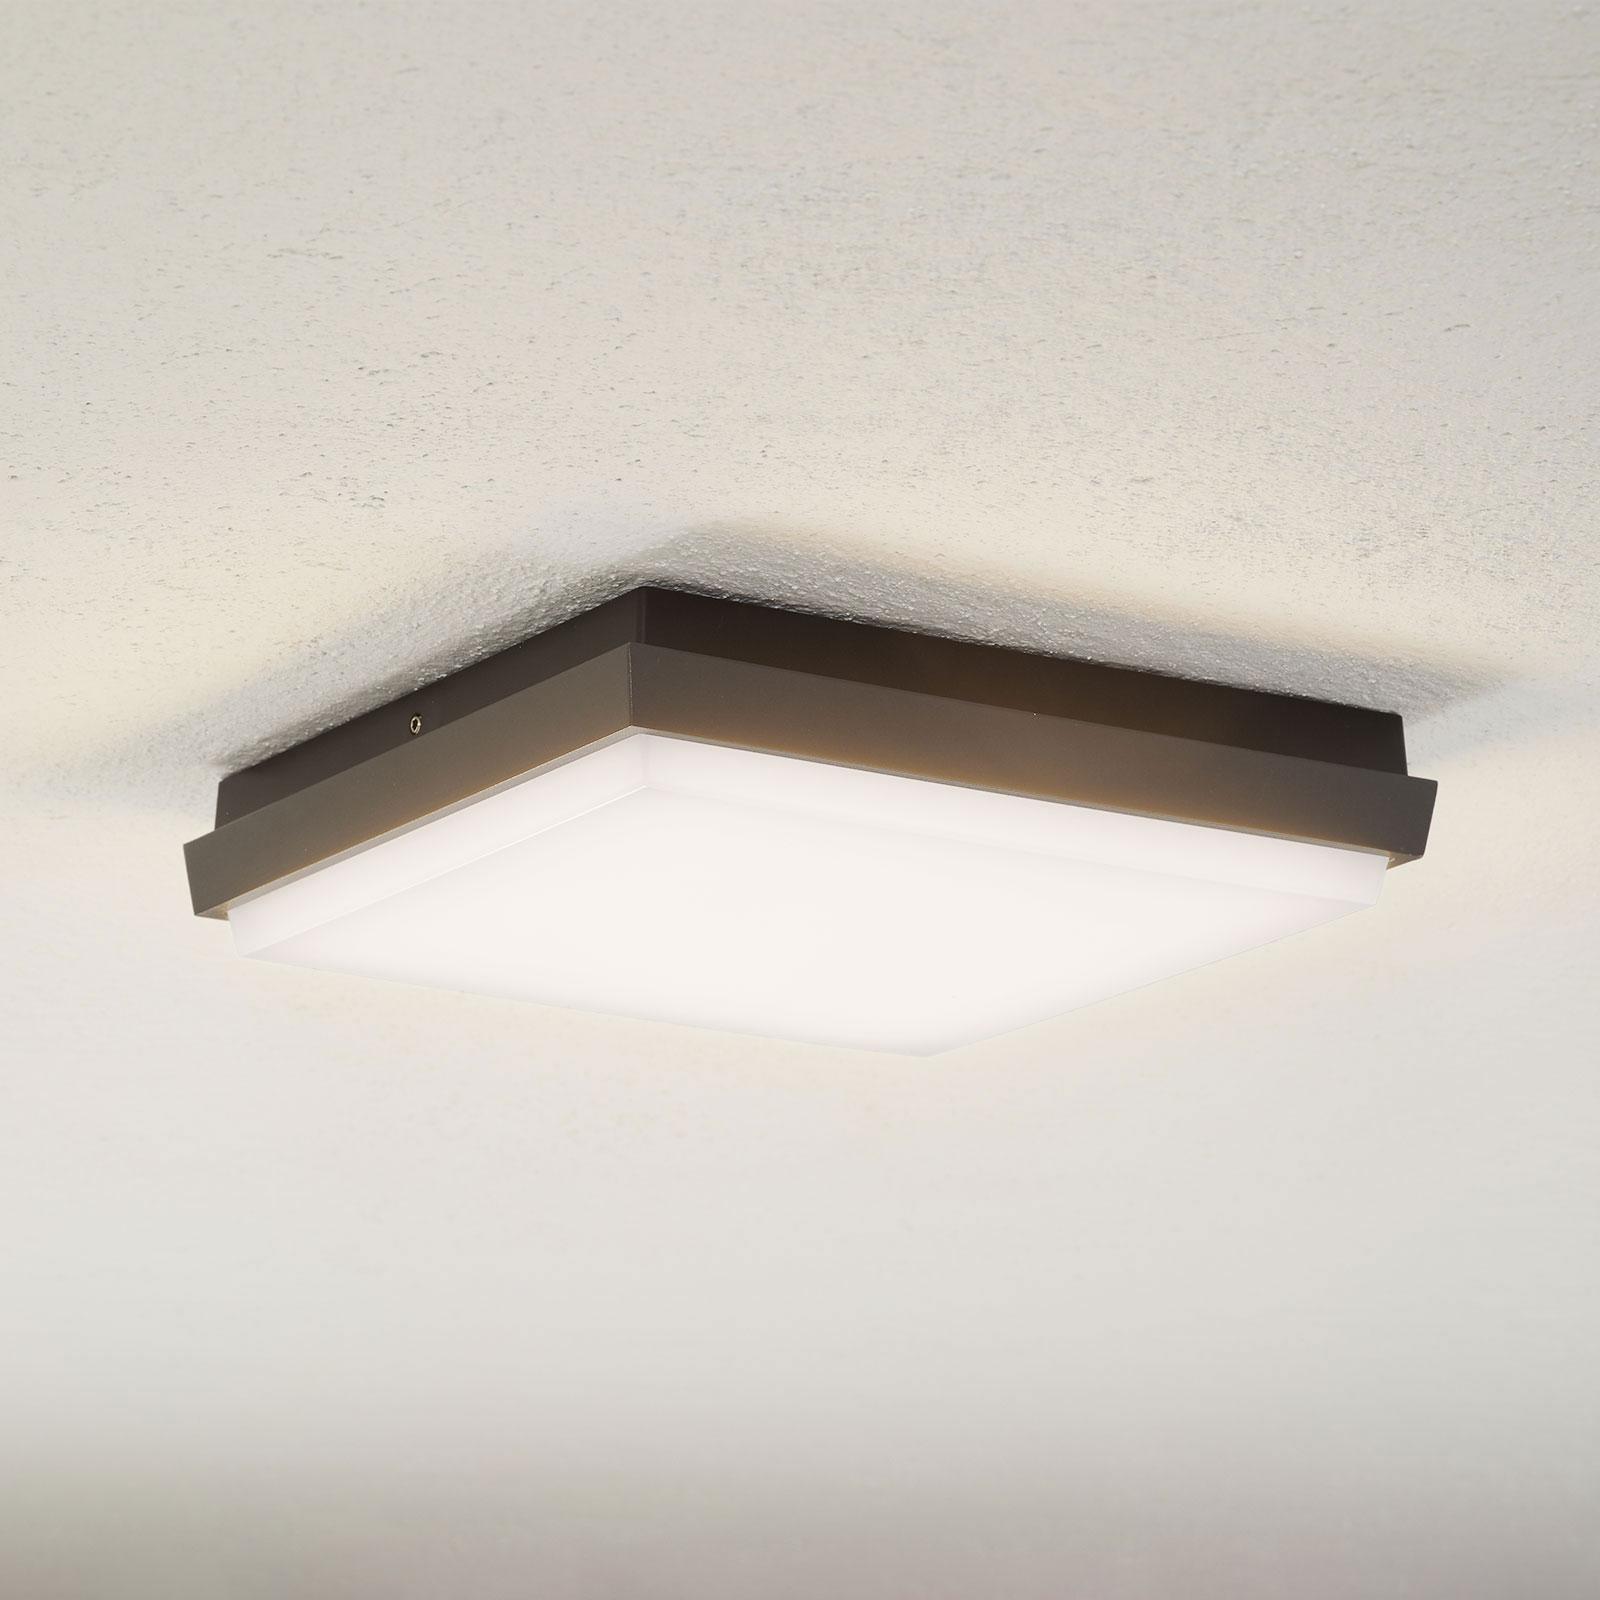 Lucande Amra LED-Außendeckenleuchte, eckig 24 cm